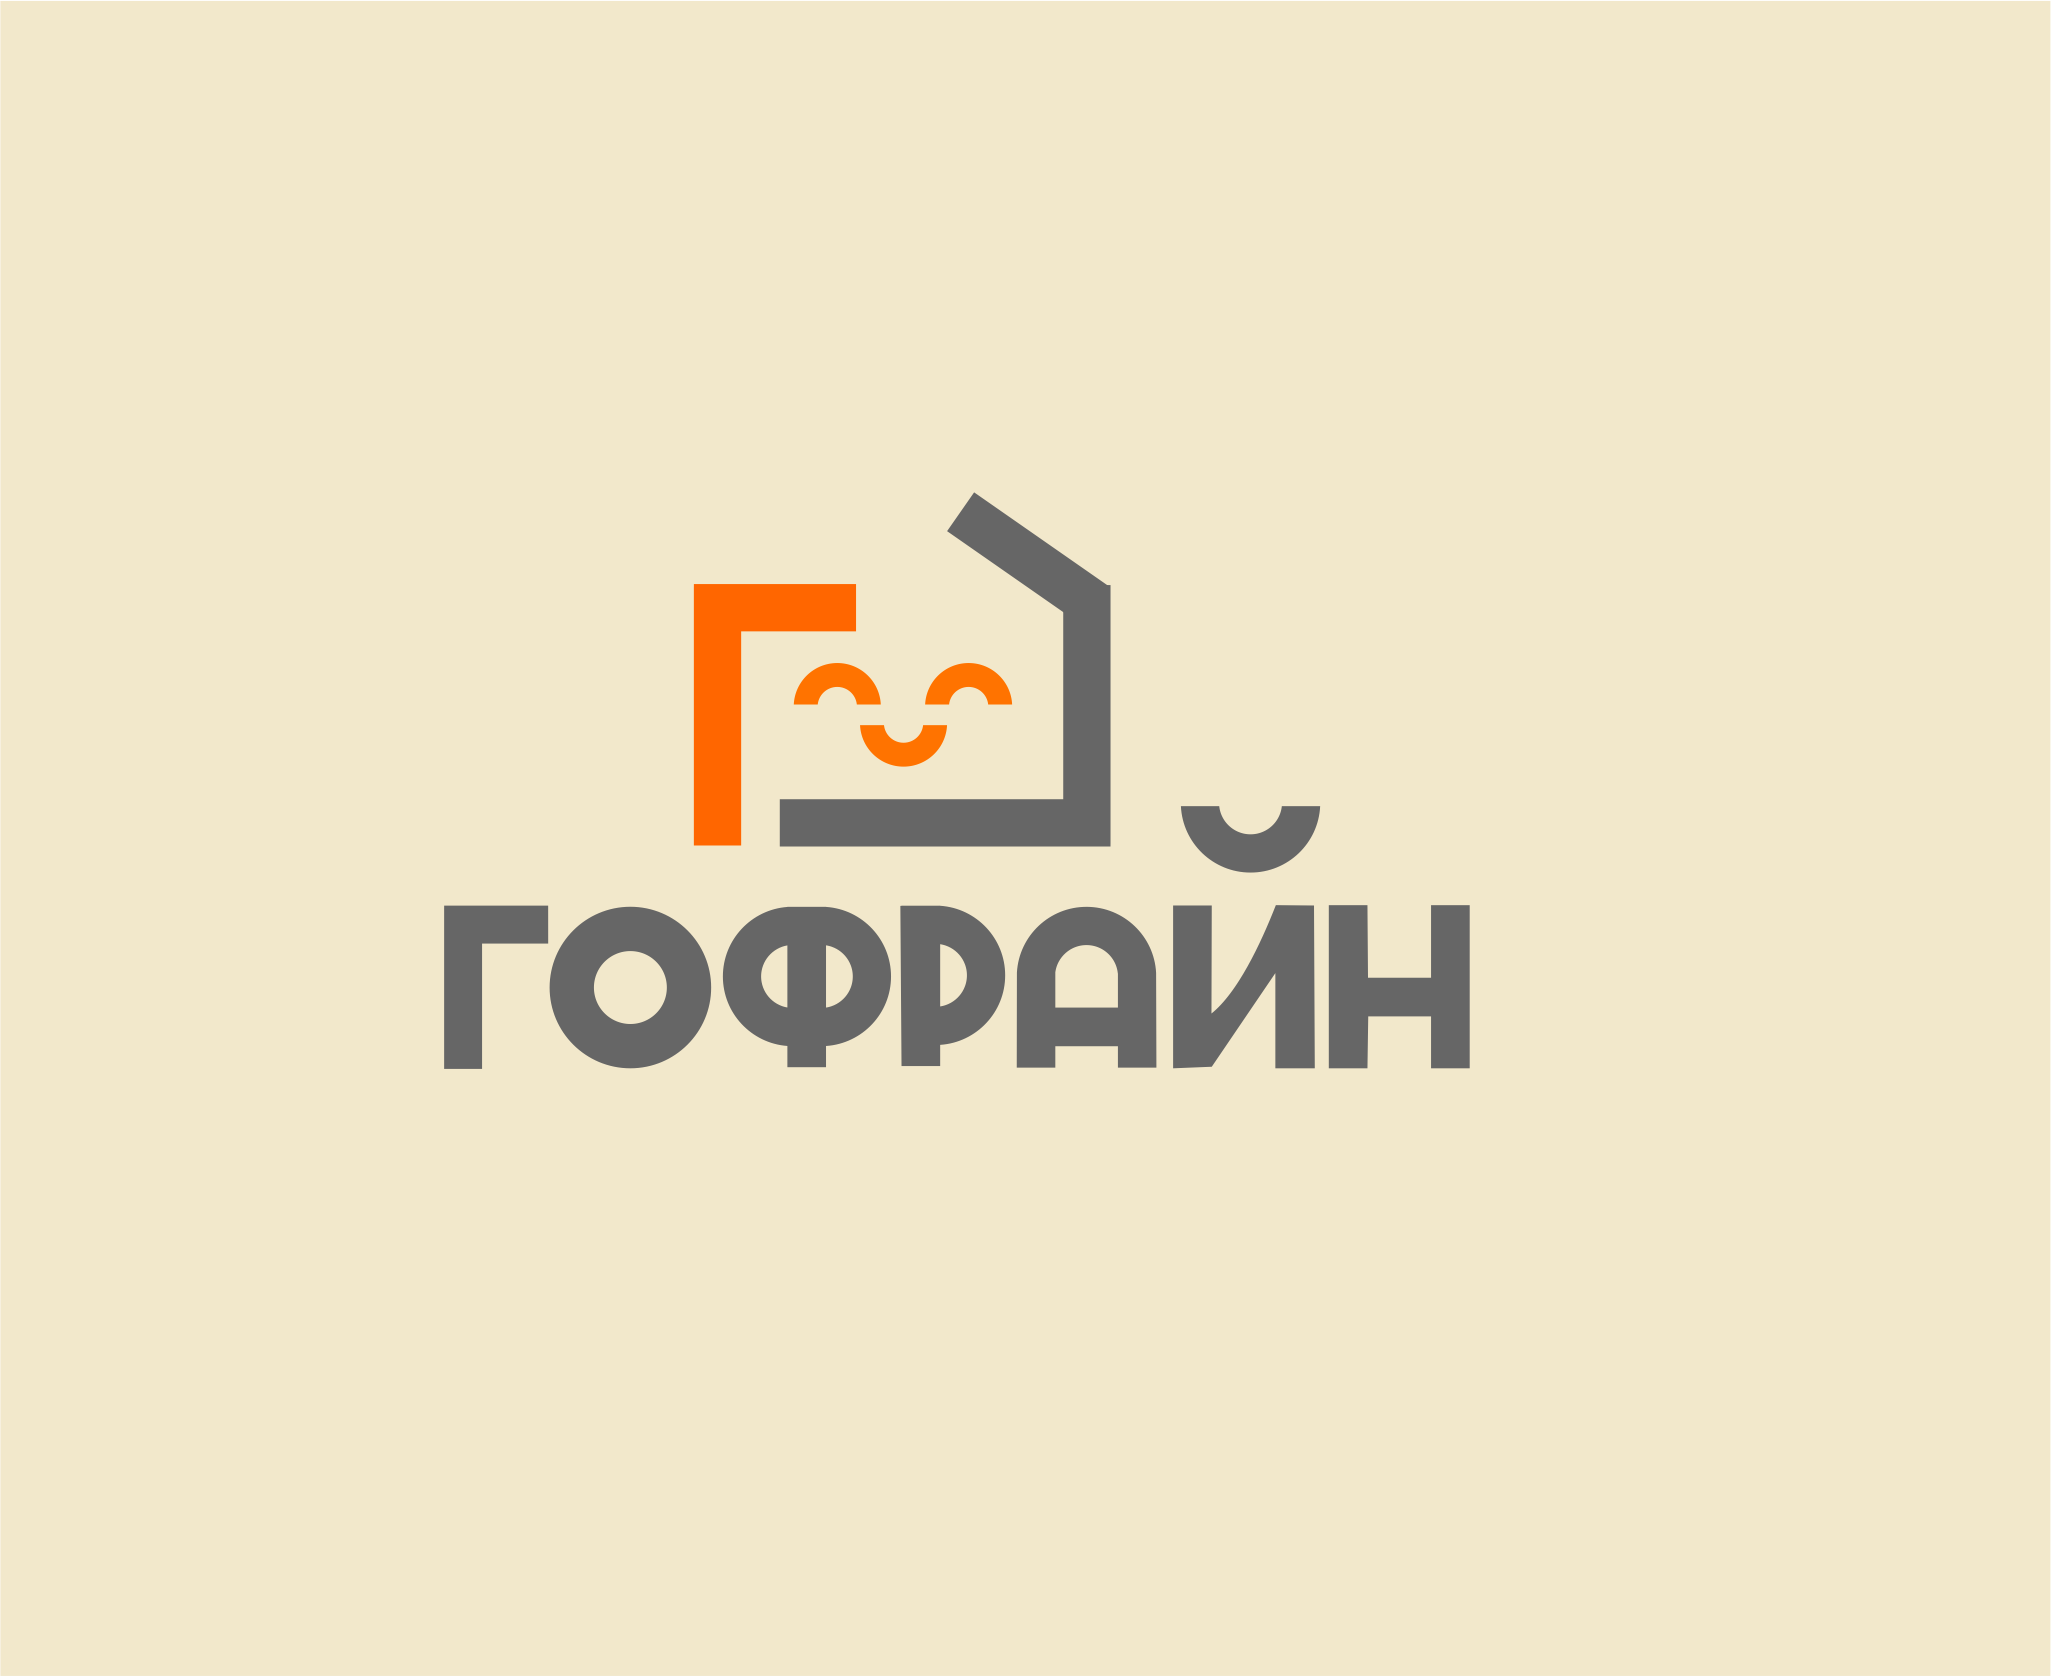 Логотип для компании по реализации упаковки из гофрокартона фото f_6925cdee92184838.png